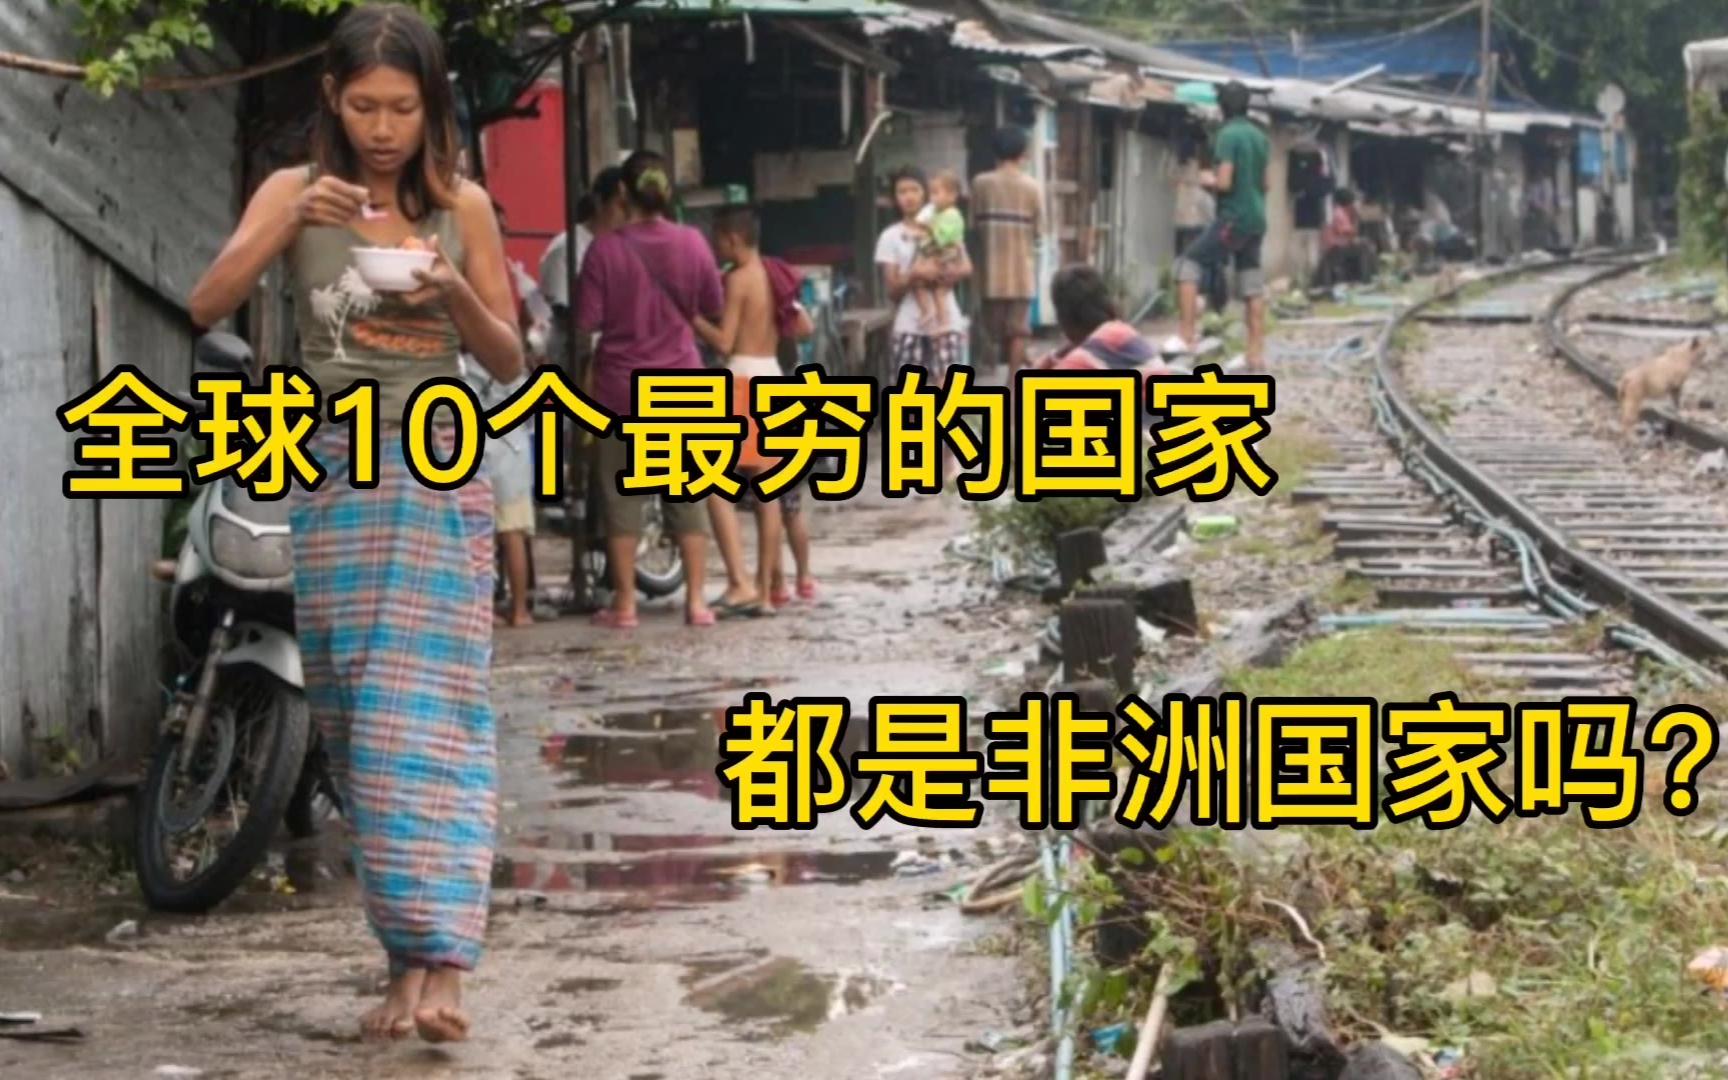 世界上10个最贫穷的国家,每天收入不到1美金!